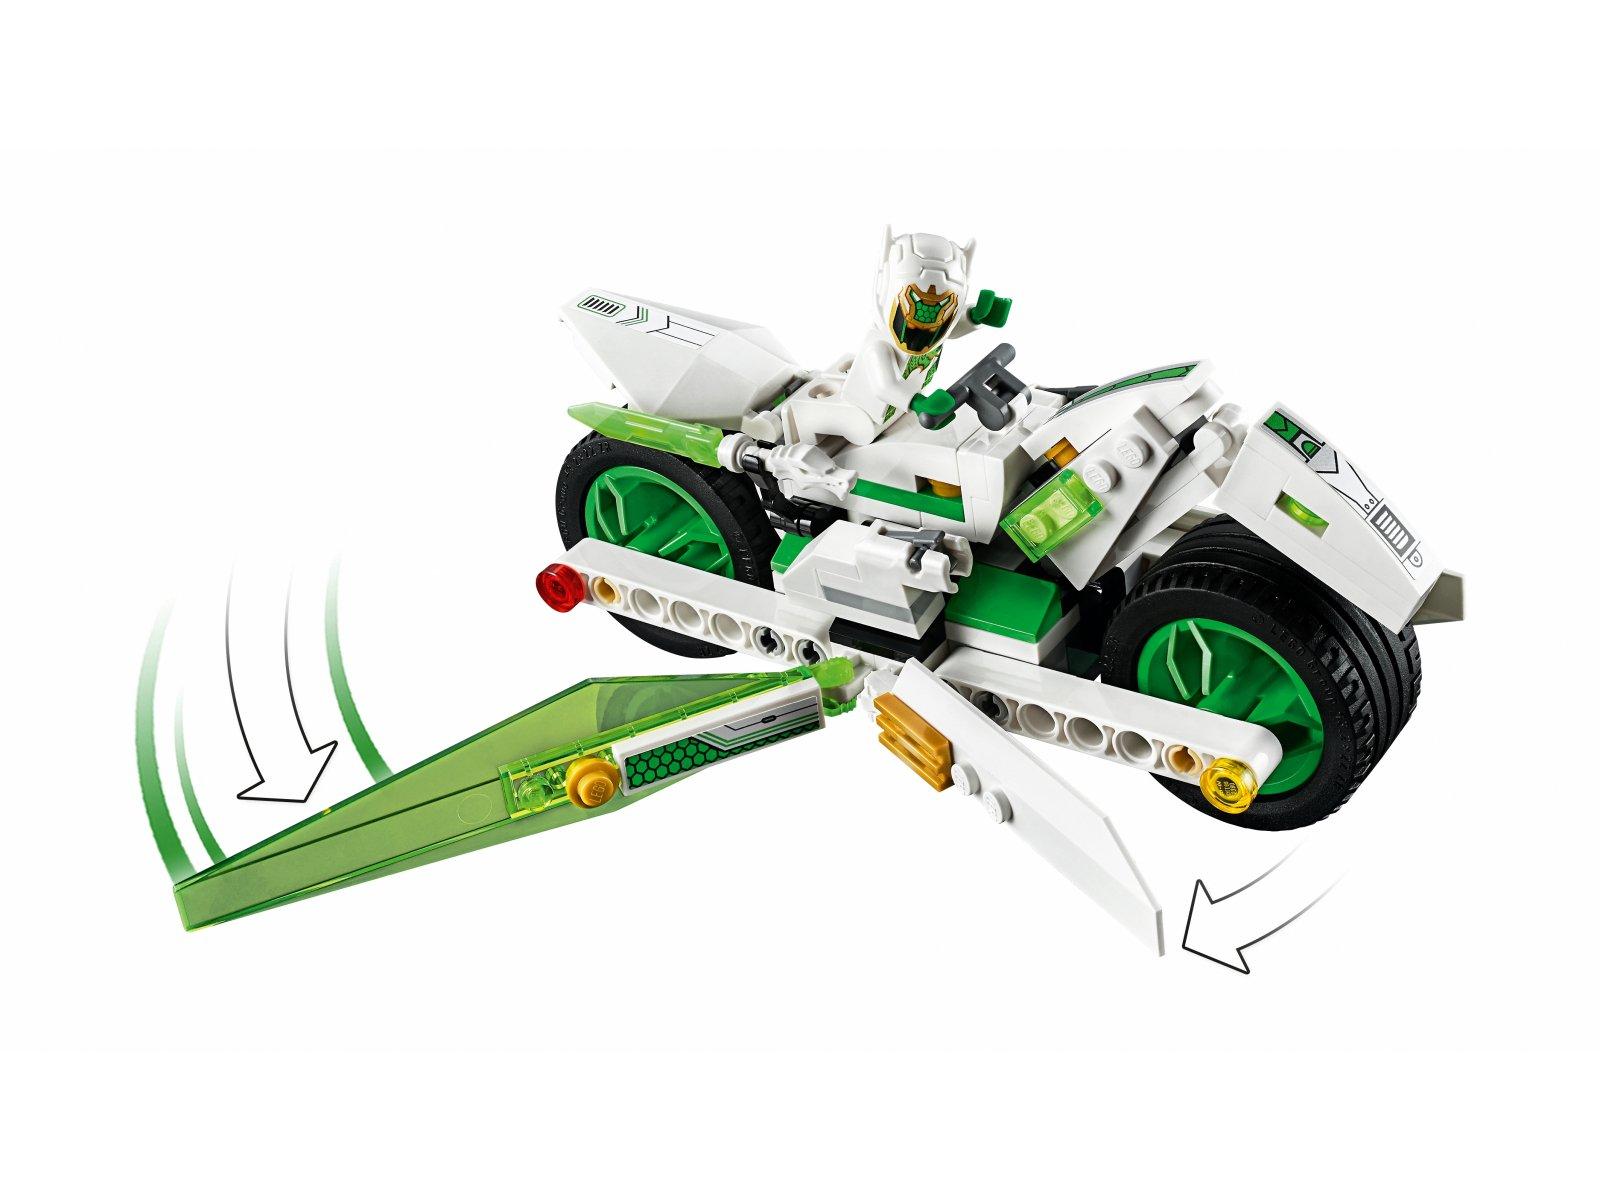 LEGO Monkie Kid™ 80006 Motocykl Biały Smok